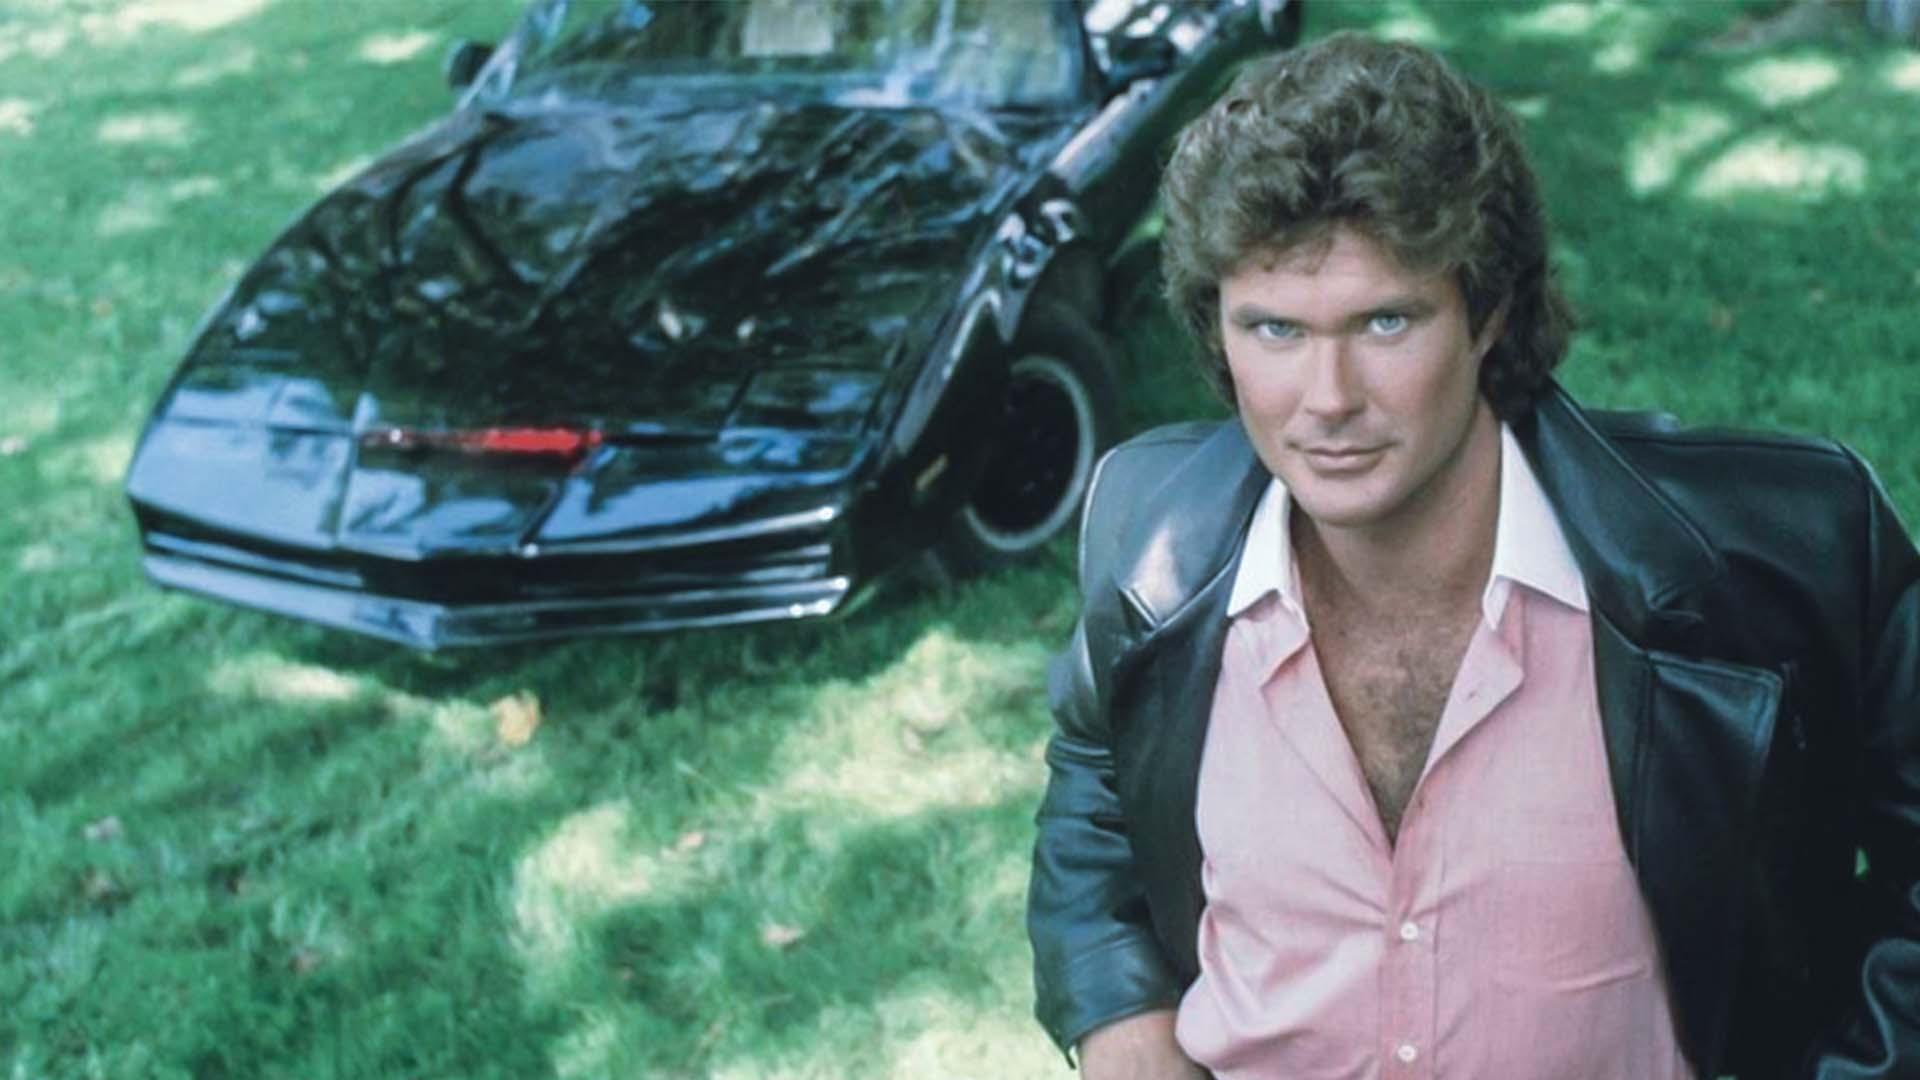 Le auto erano le vere star degli anni 80